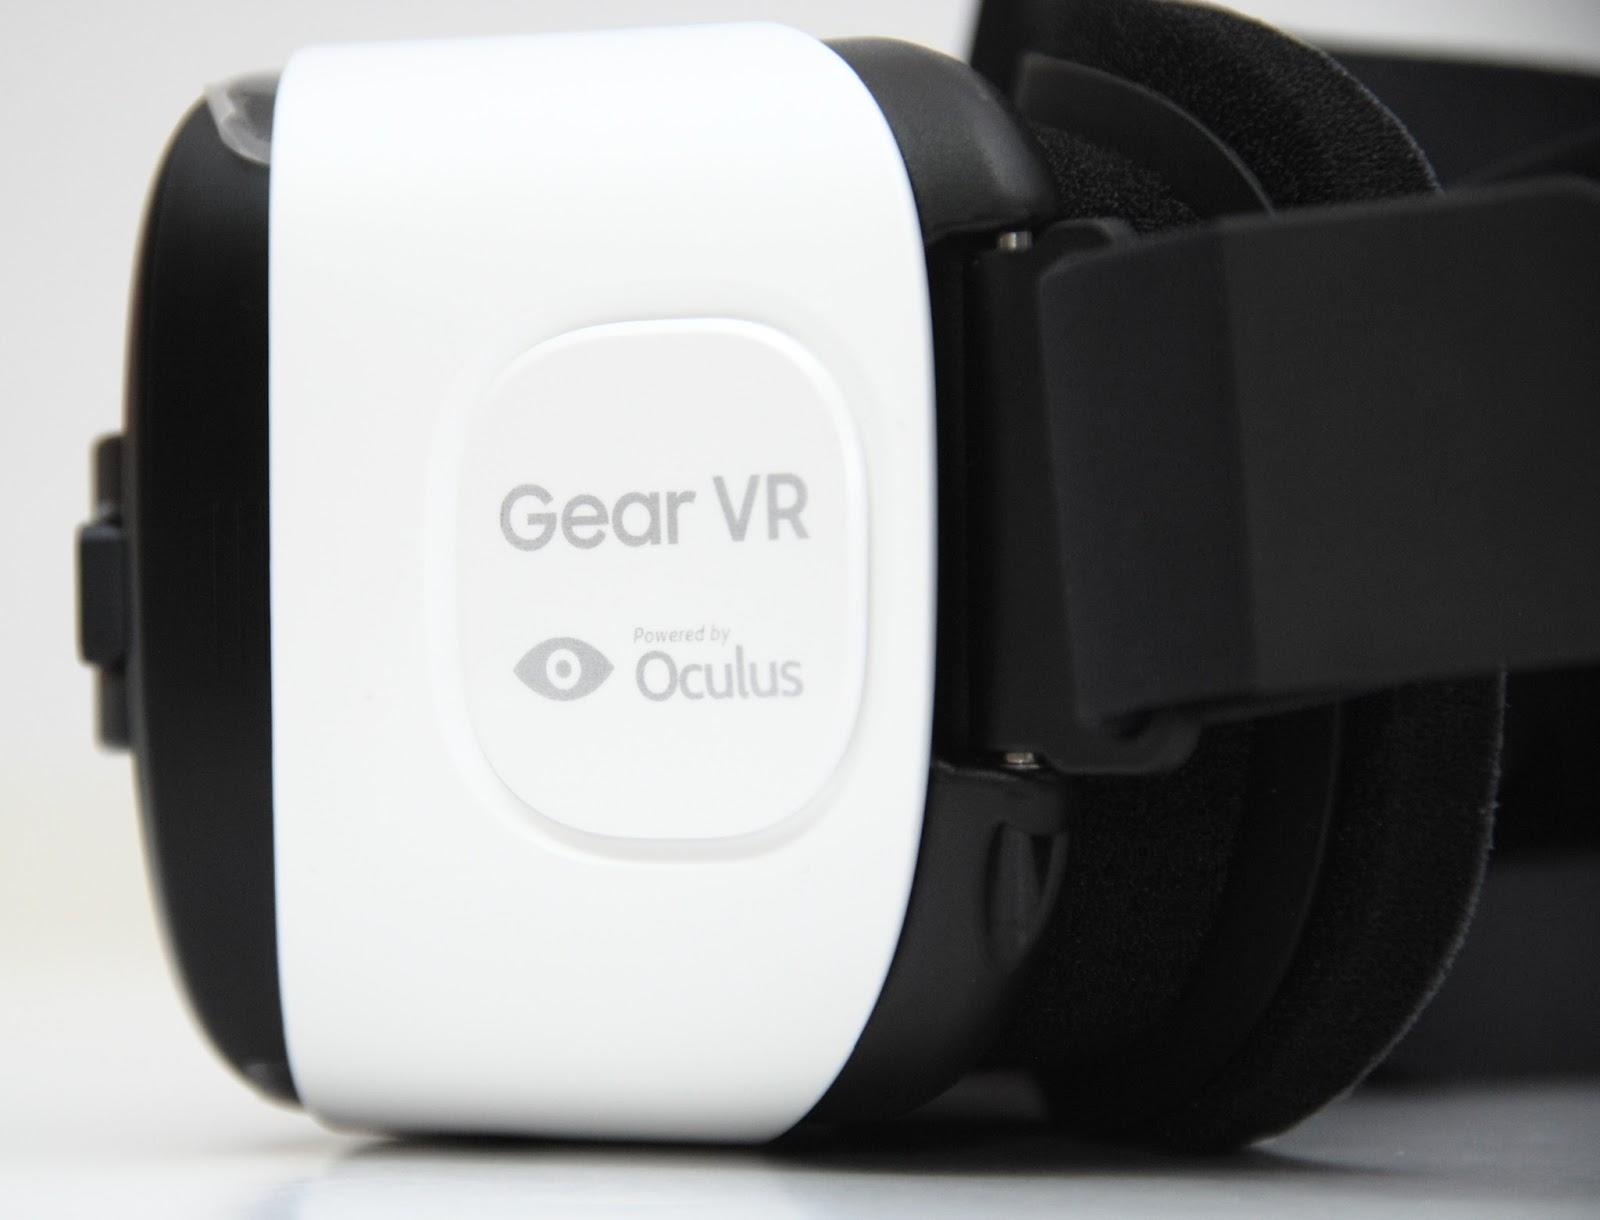 נפלאות חפיצים: כזה ניסיתי: Samsung Gear VR OR-94